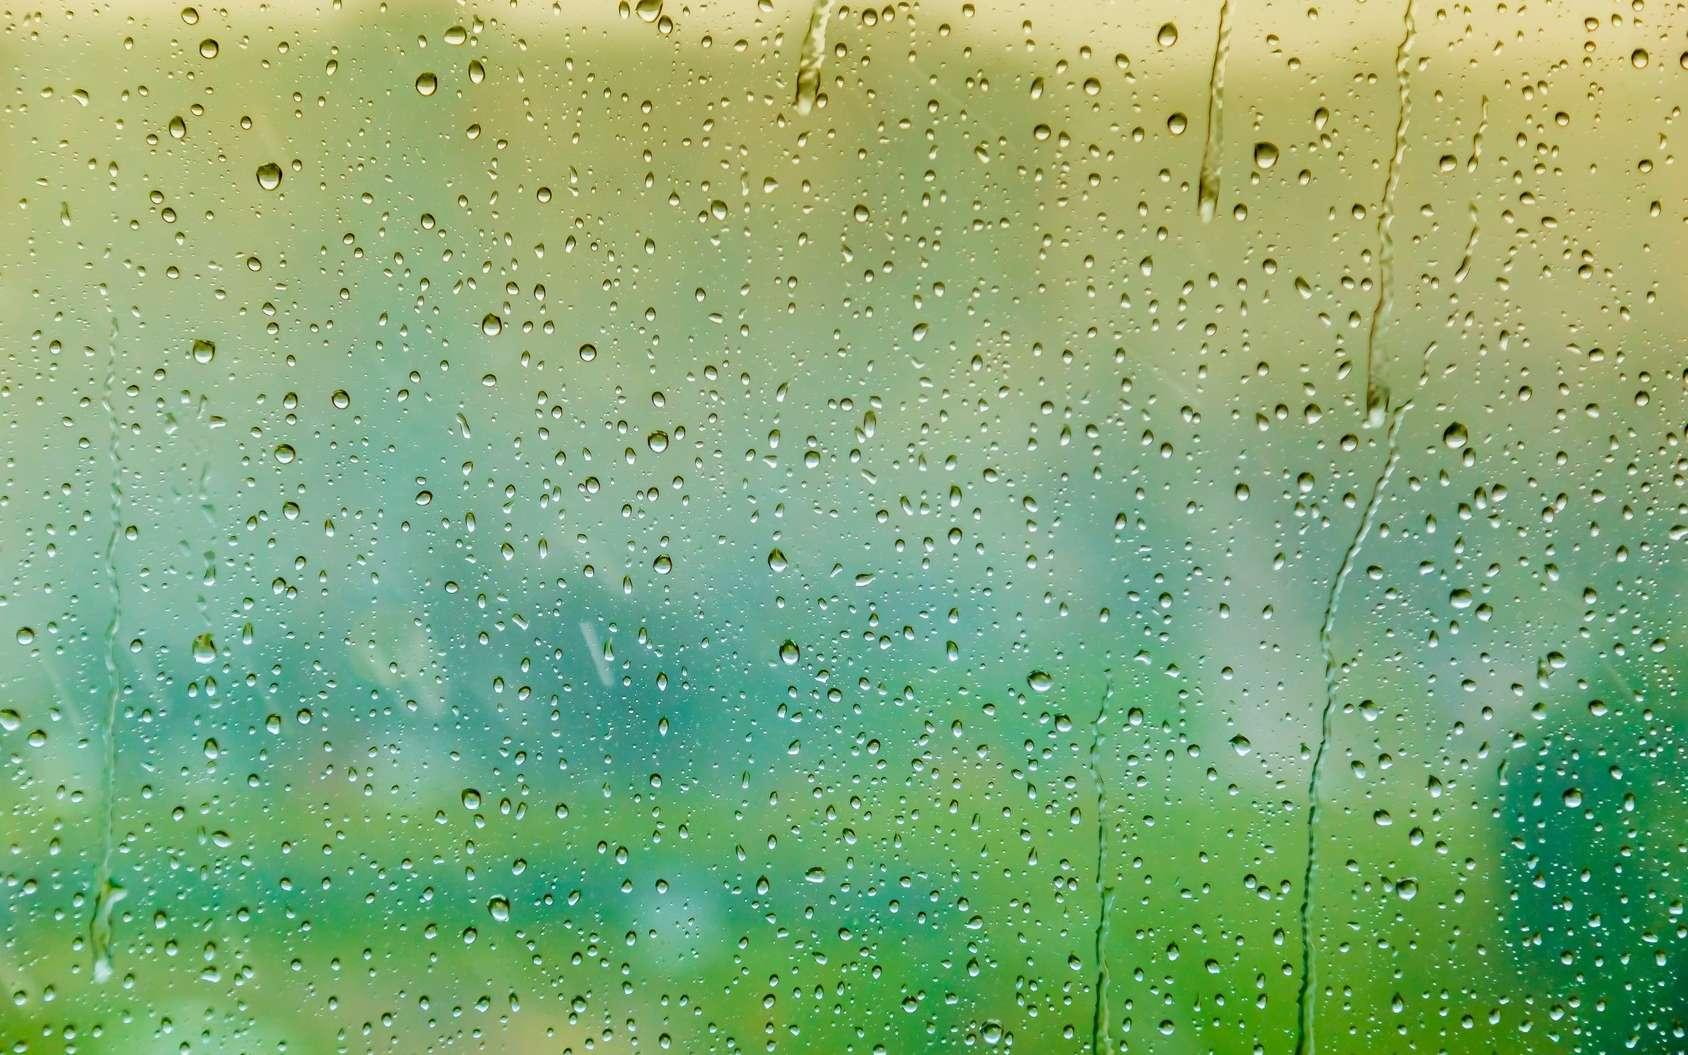 La patiente voit tomber la pluie sur la fenêtre, mais pas le paysage fixe. © Alexandr, Fotolia